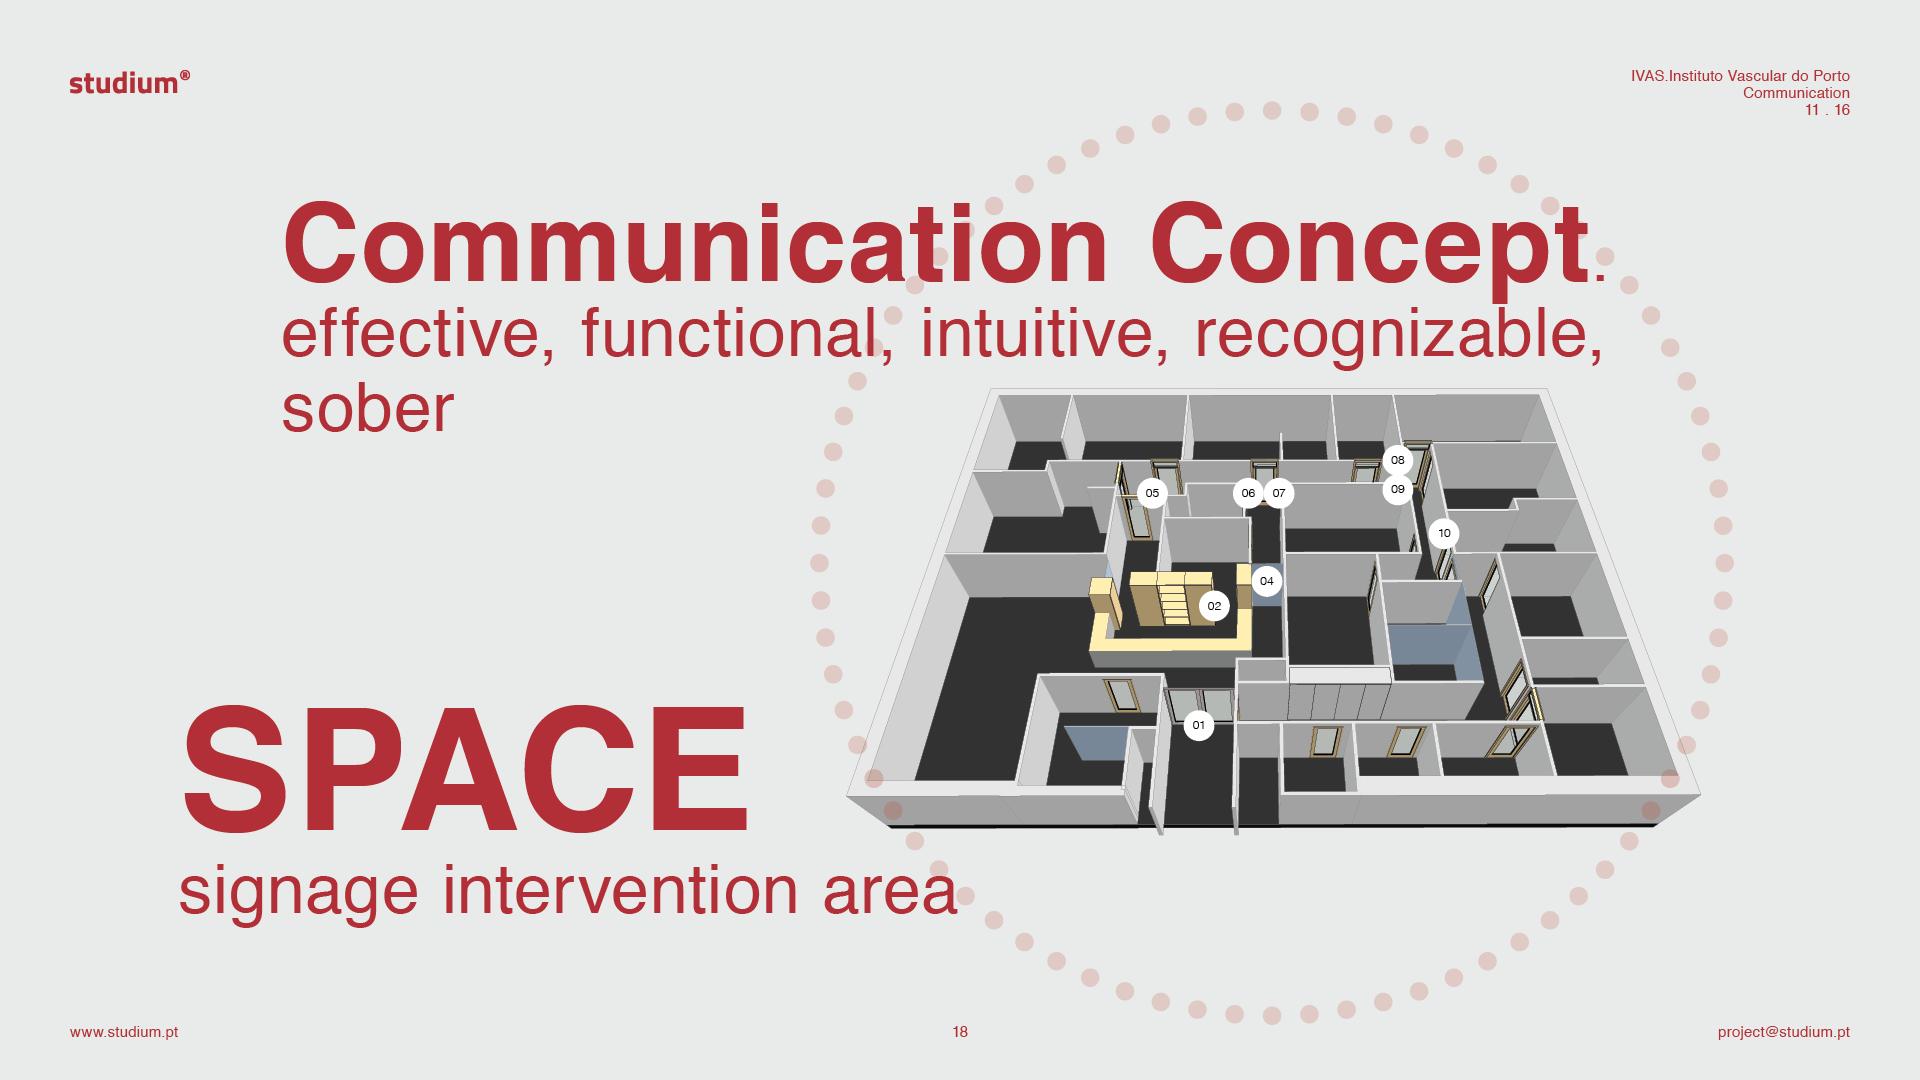 DSN20150055-IVAS-Comunicacao-PU.018